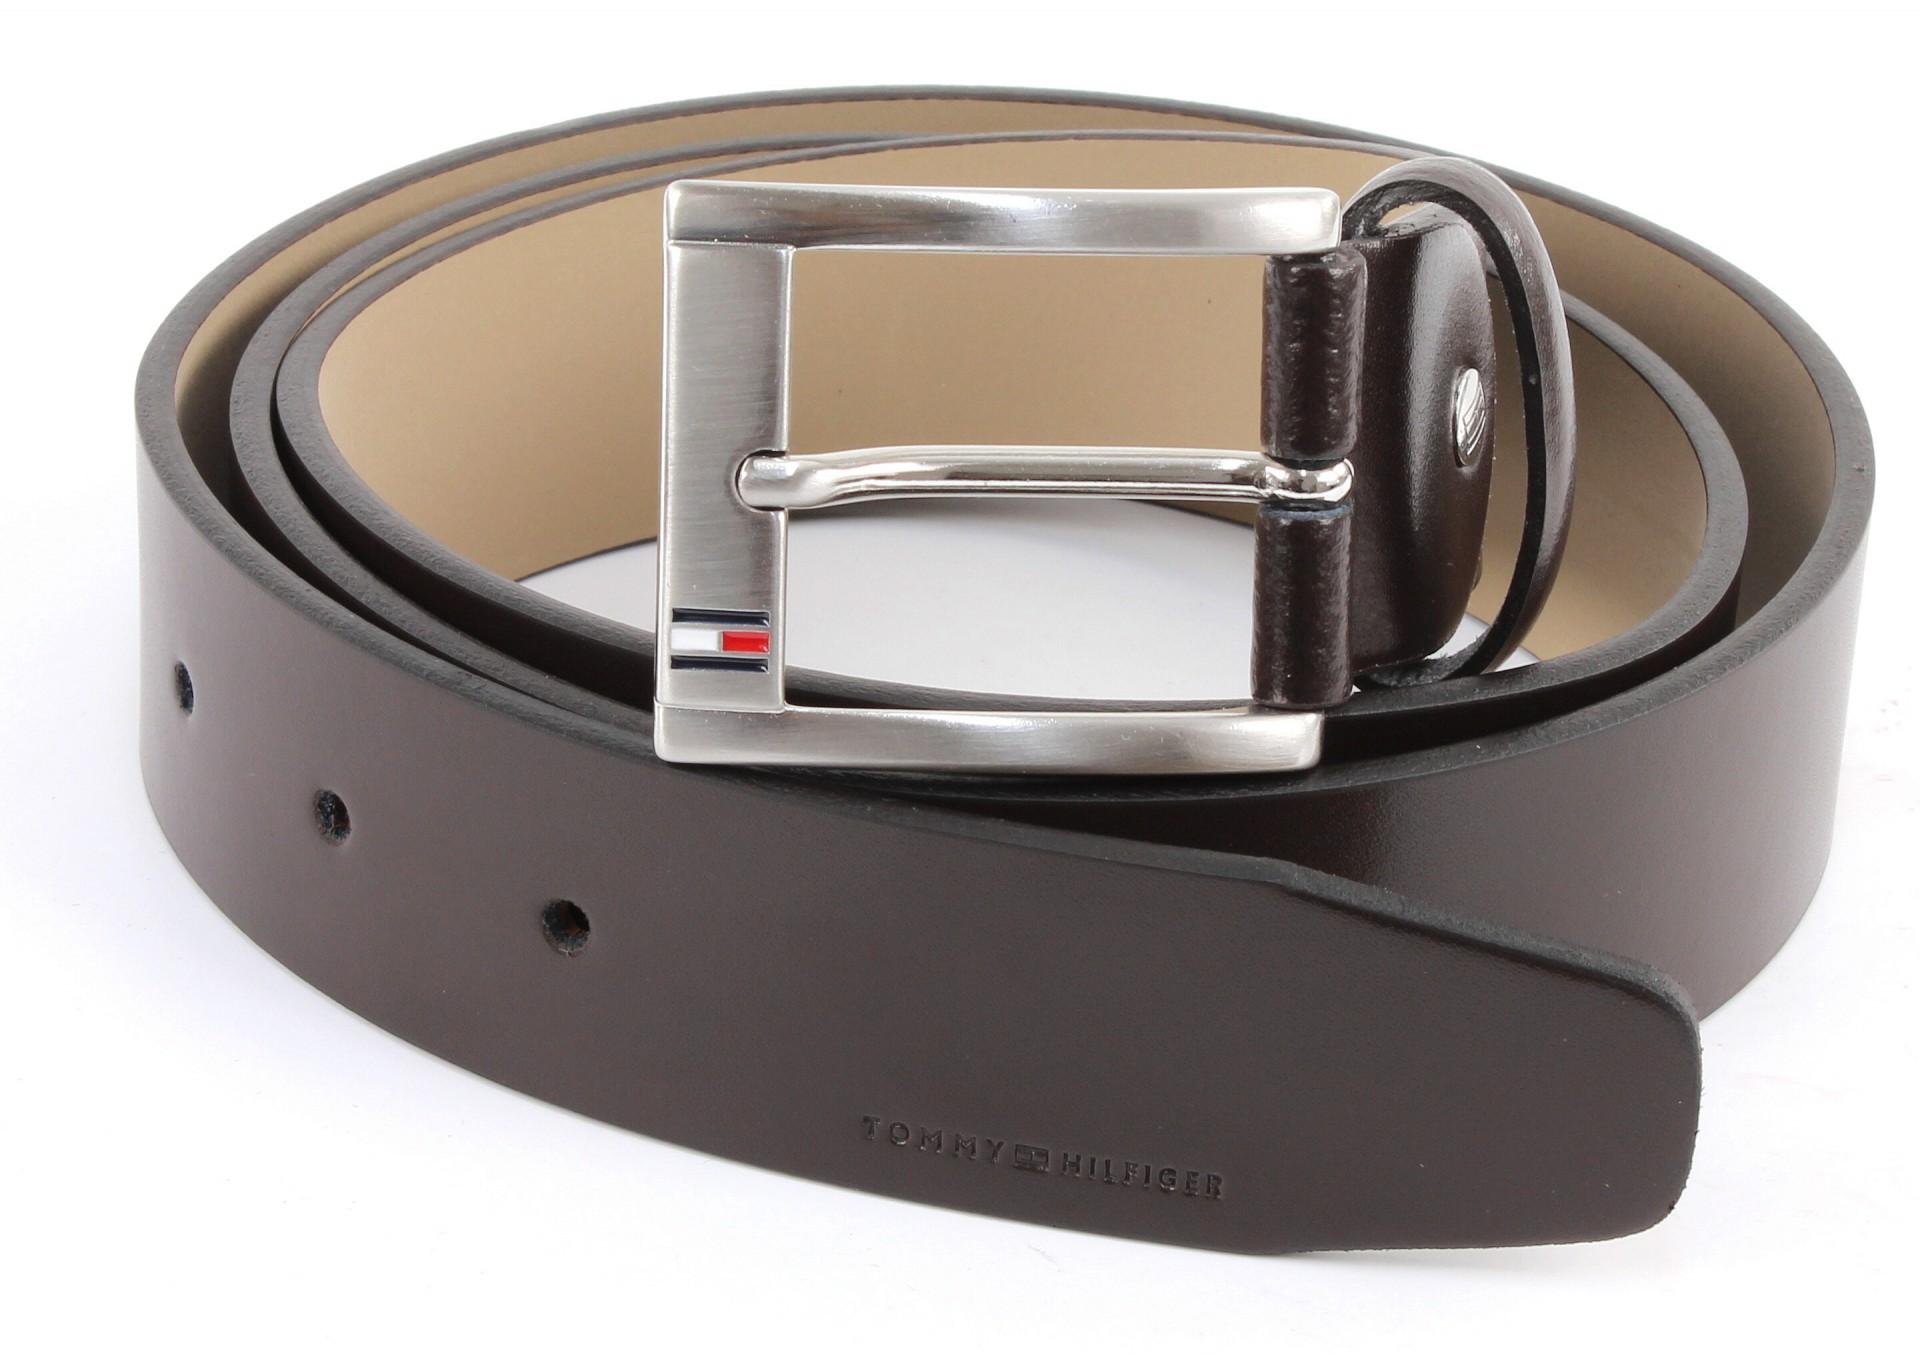 tommy hilfiger trenton belt w115 g rtel lederg rtel herreng rtel. Black Bedroom Furniture Sets. Home Design Ideas